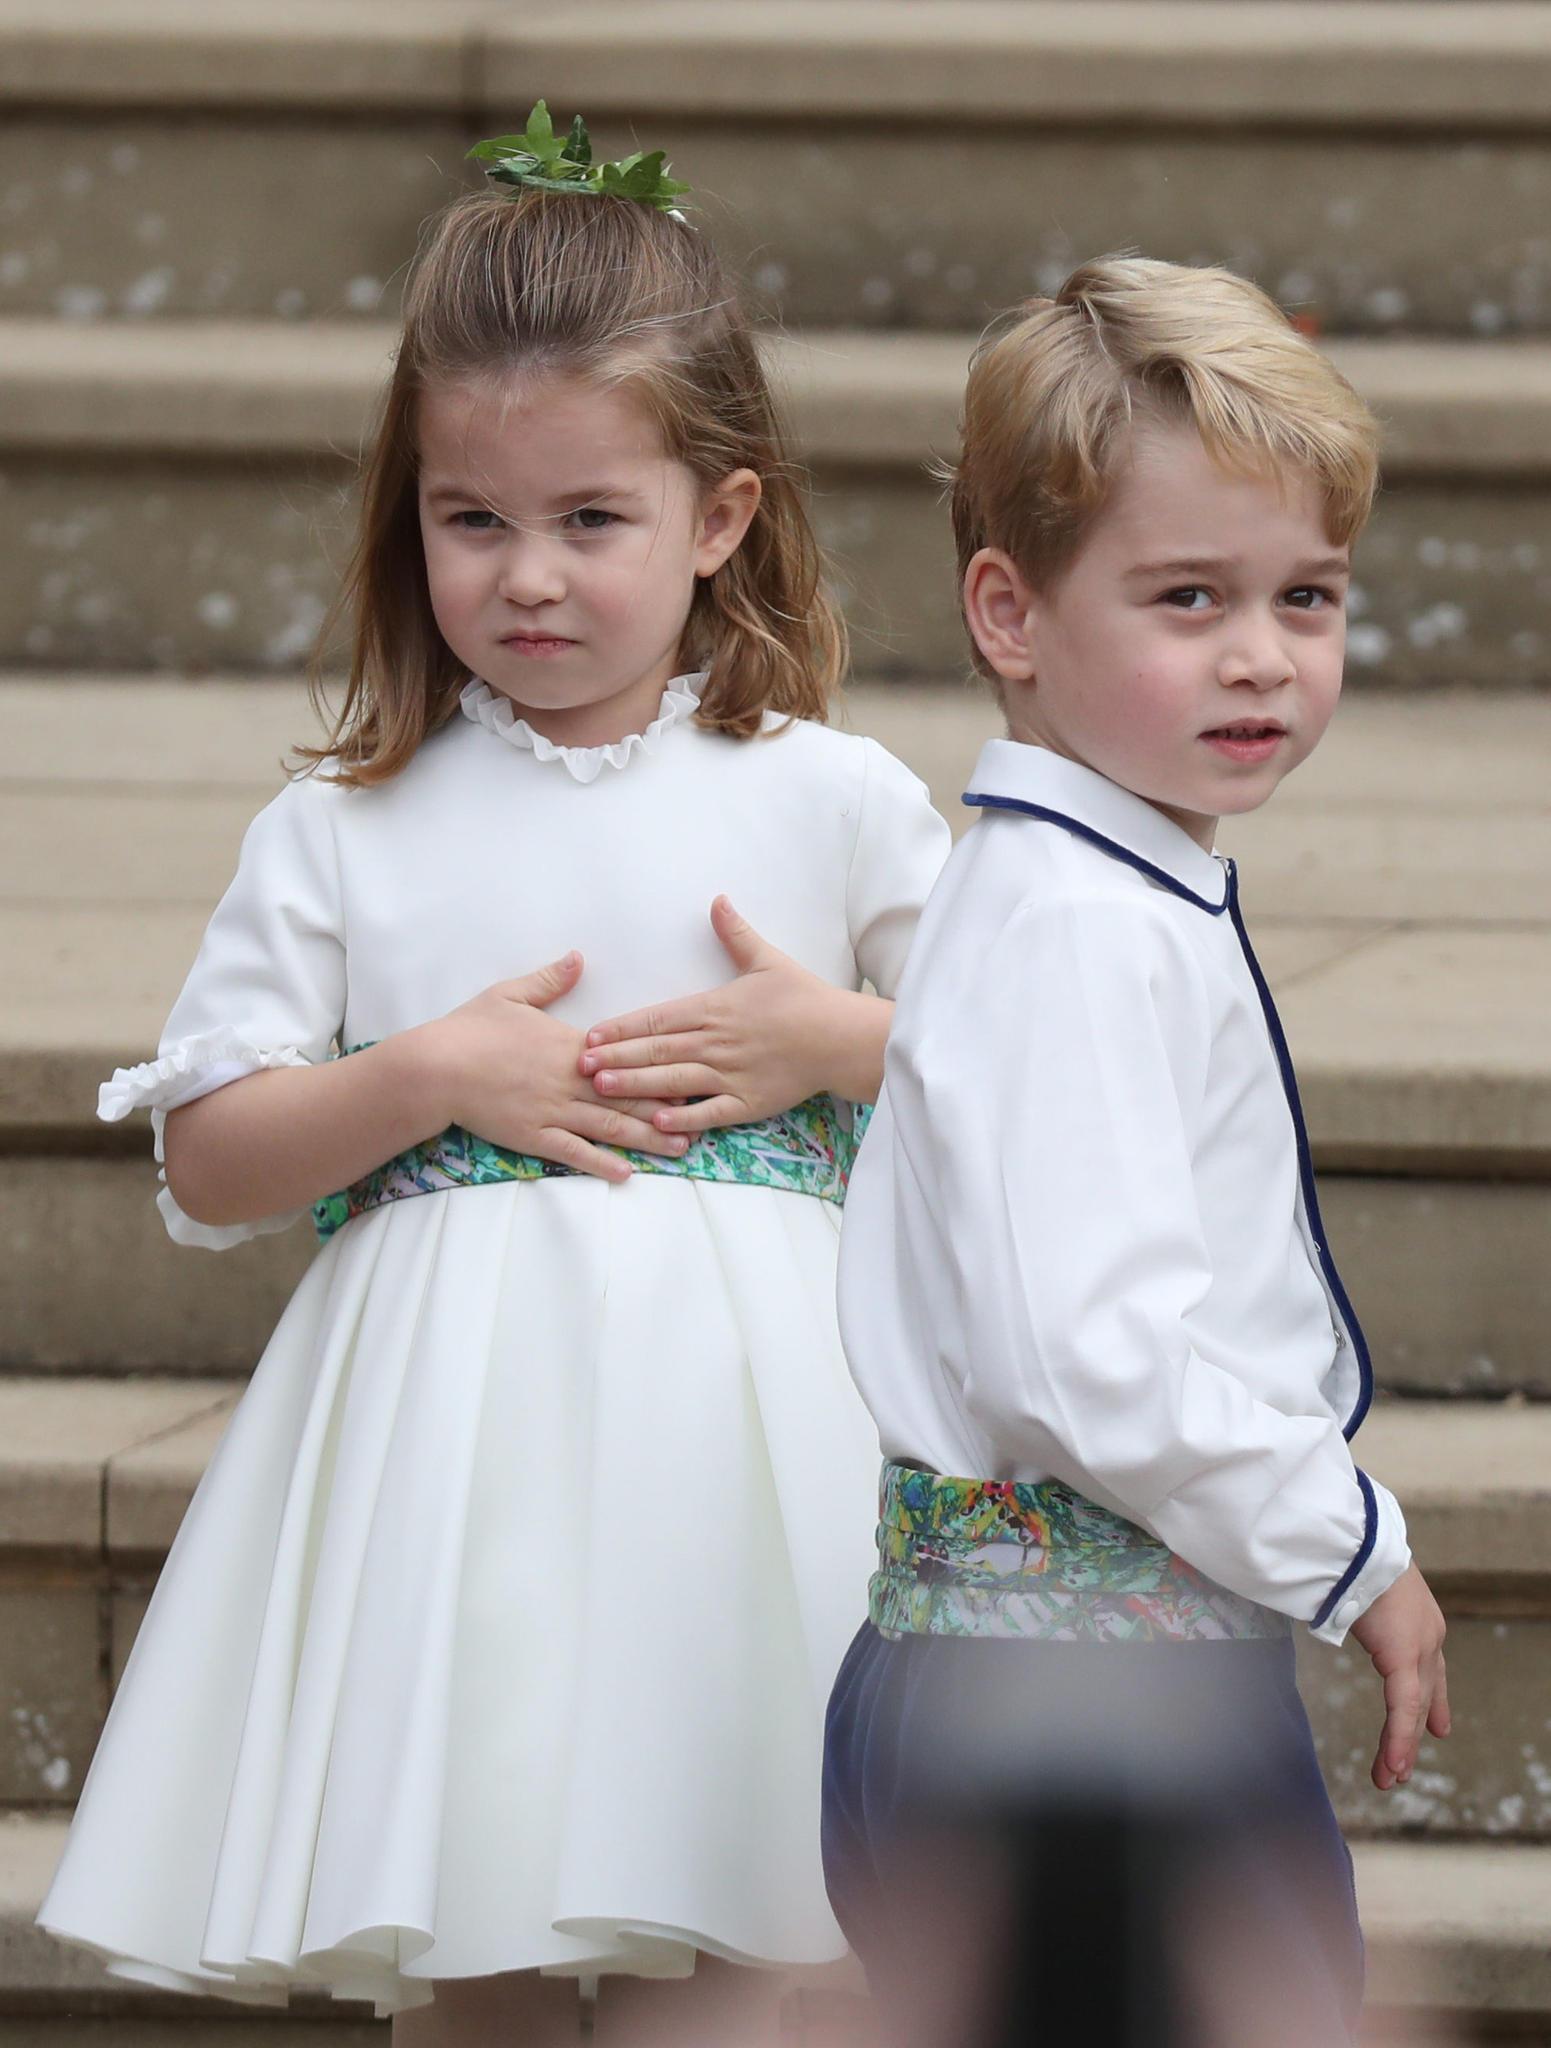 Prinzessin Charlotte Prinz George Suss So Nennen Sie Opa